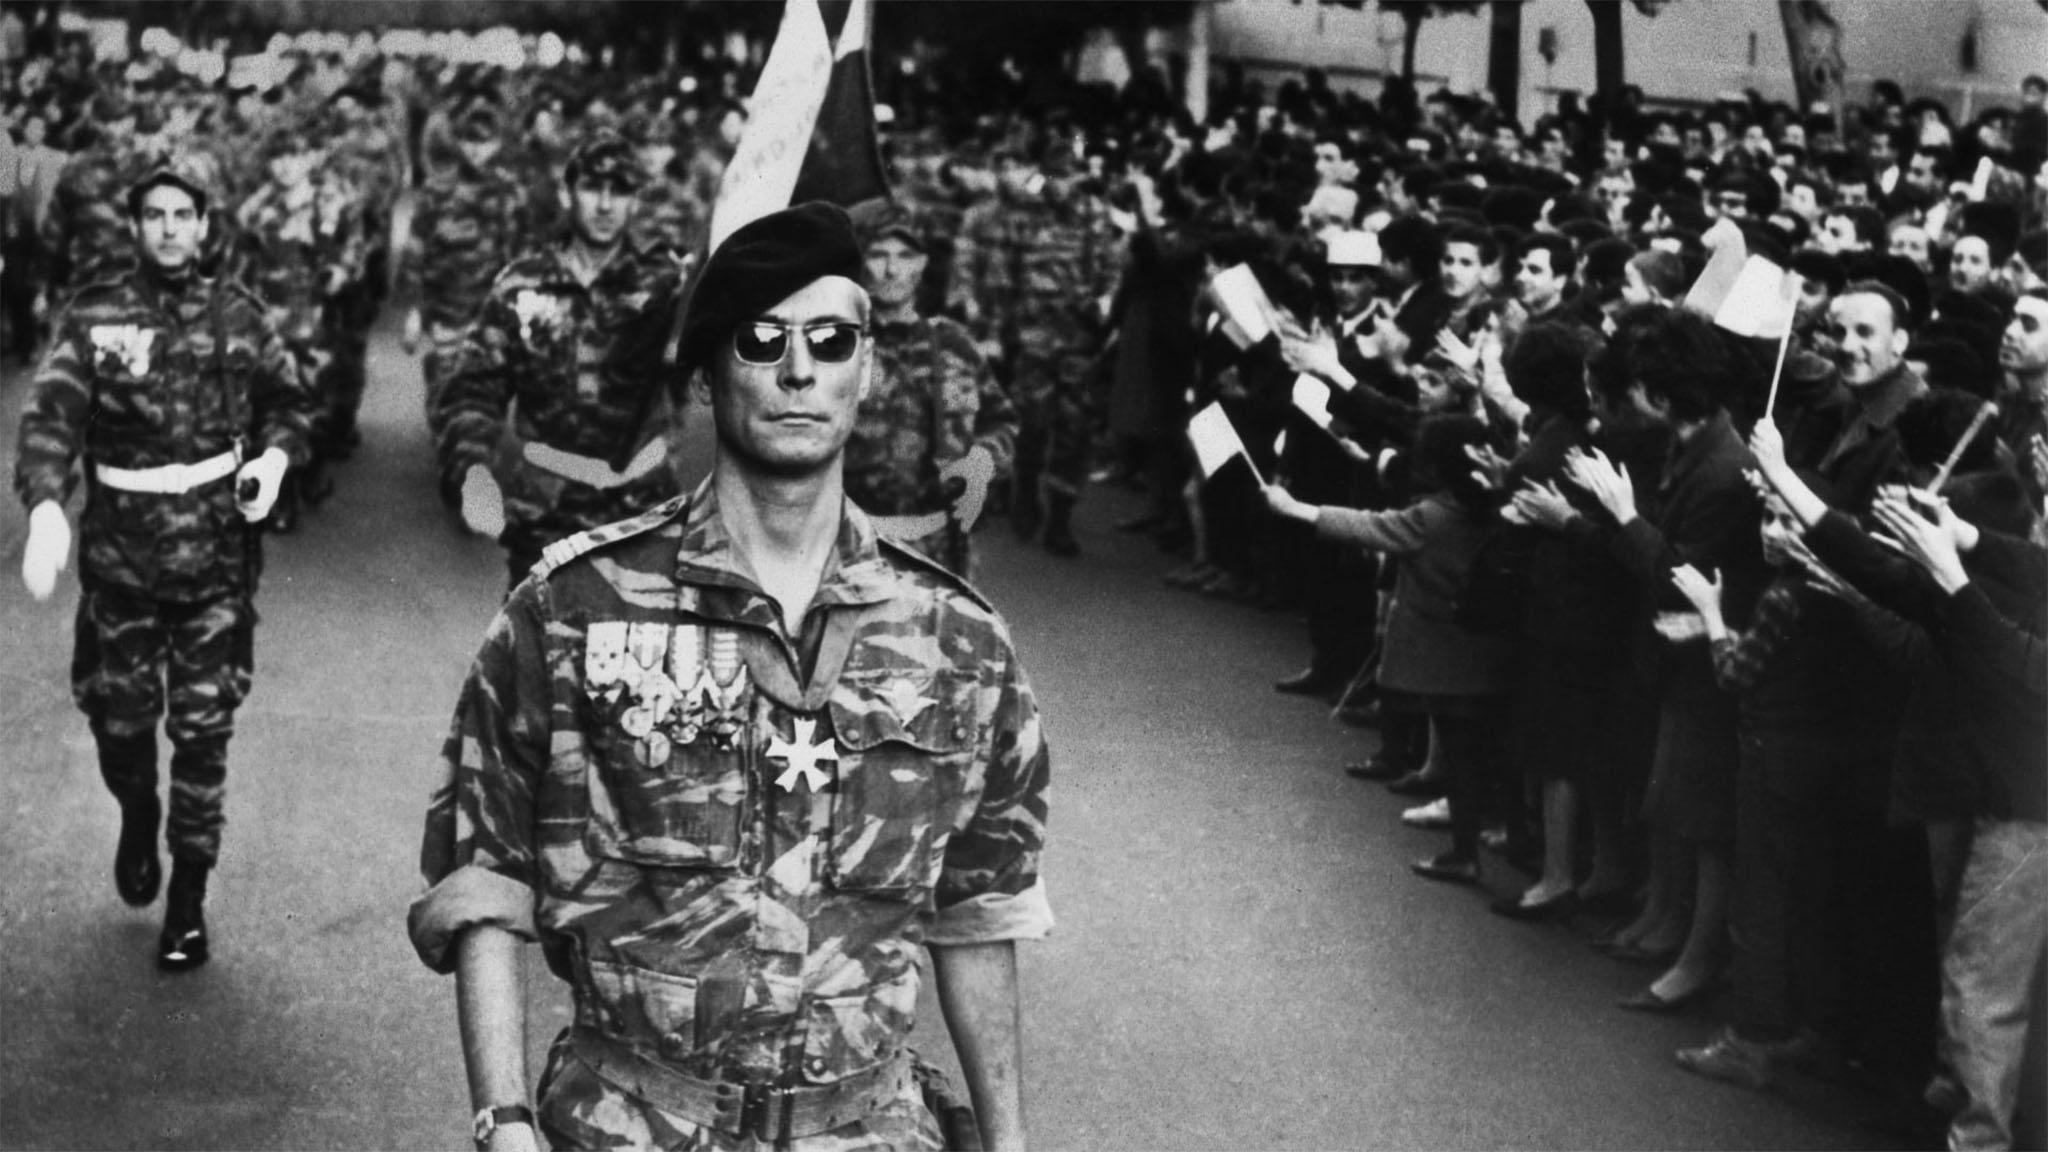 فيلم معركة الجزائر 1966